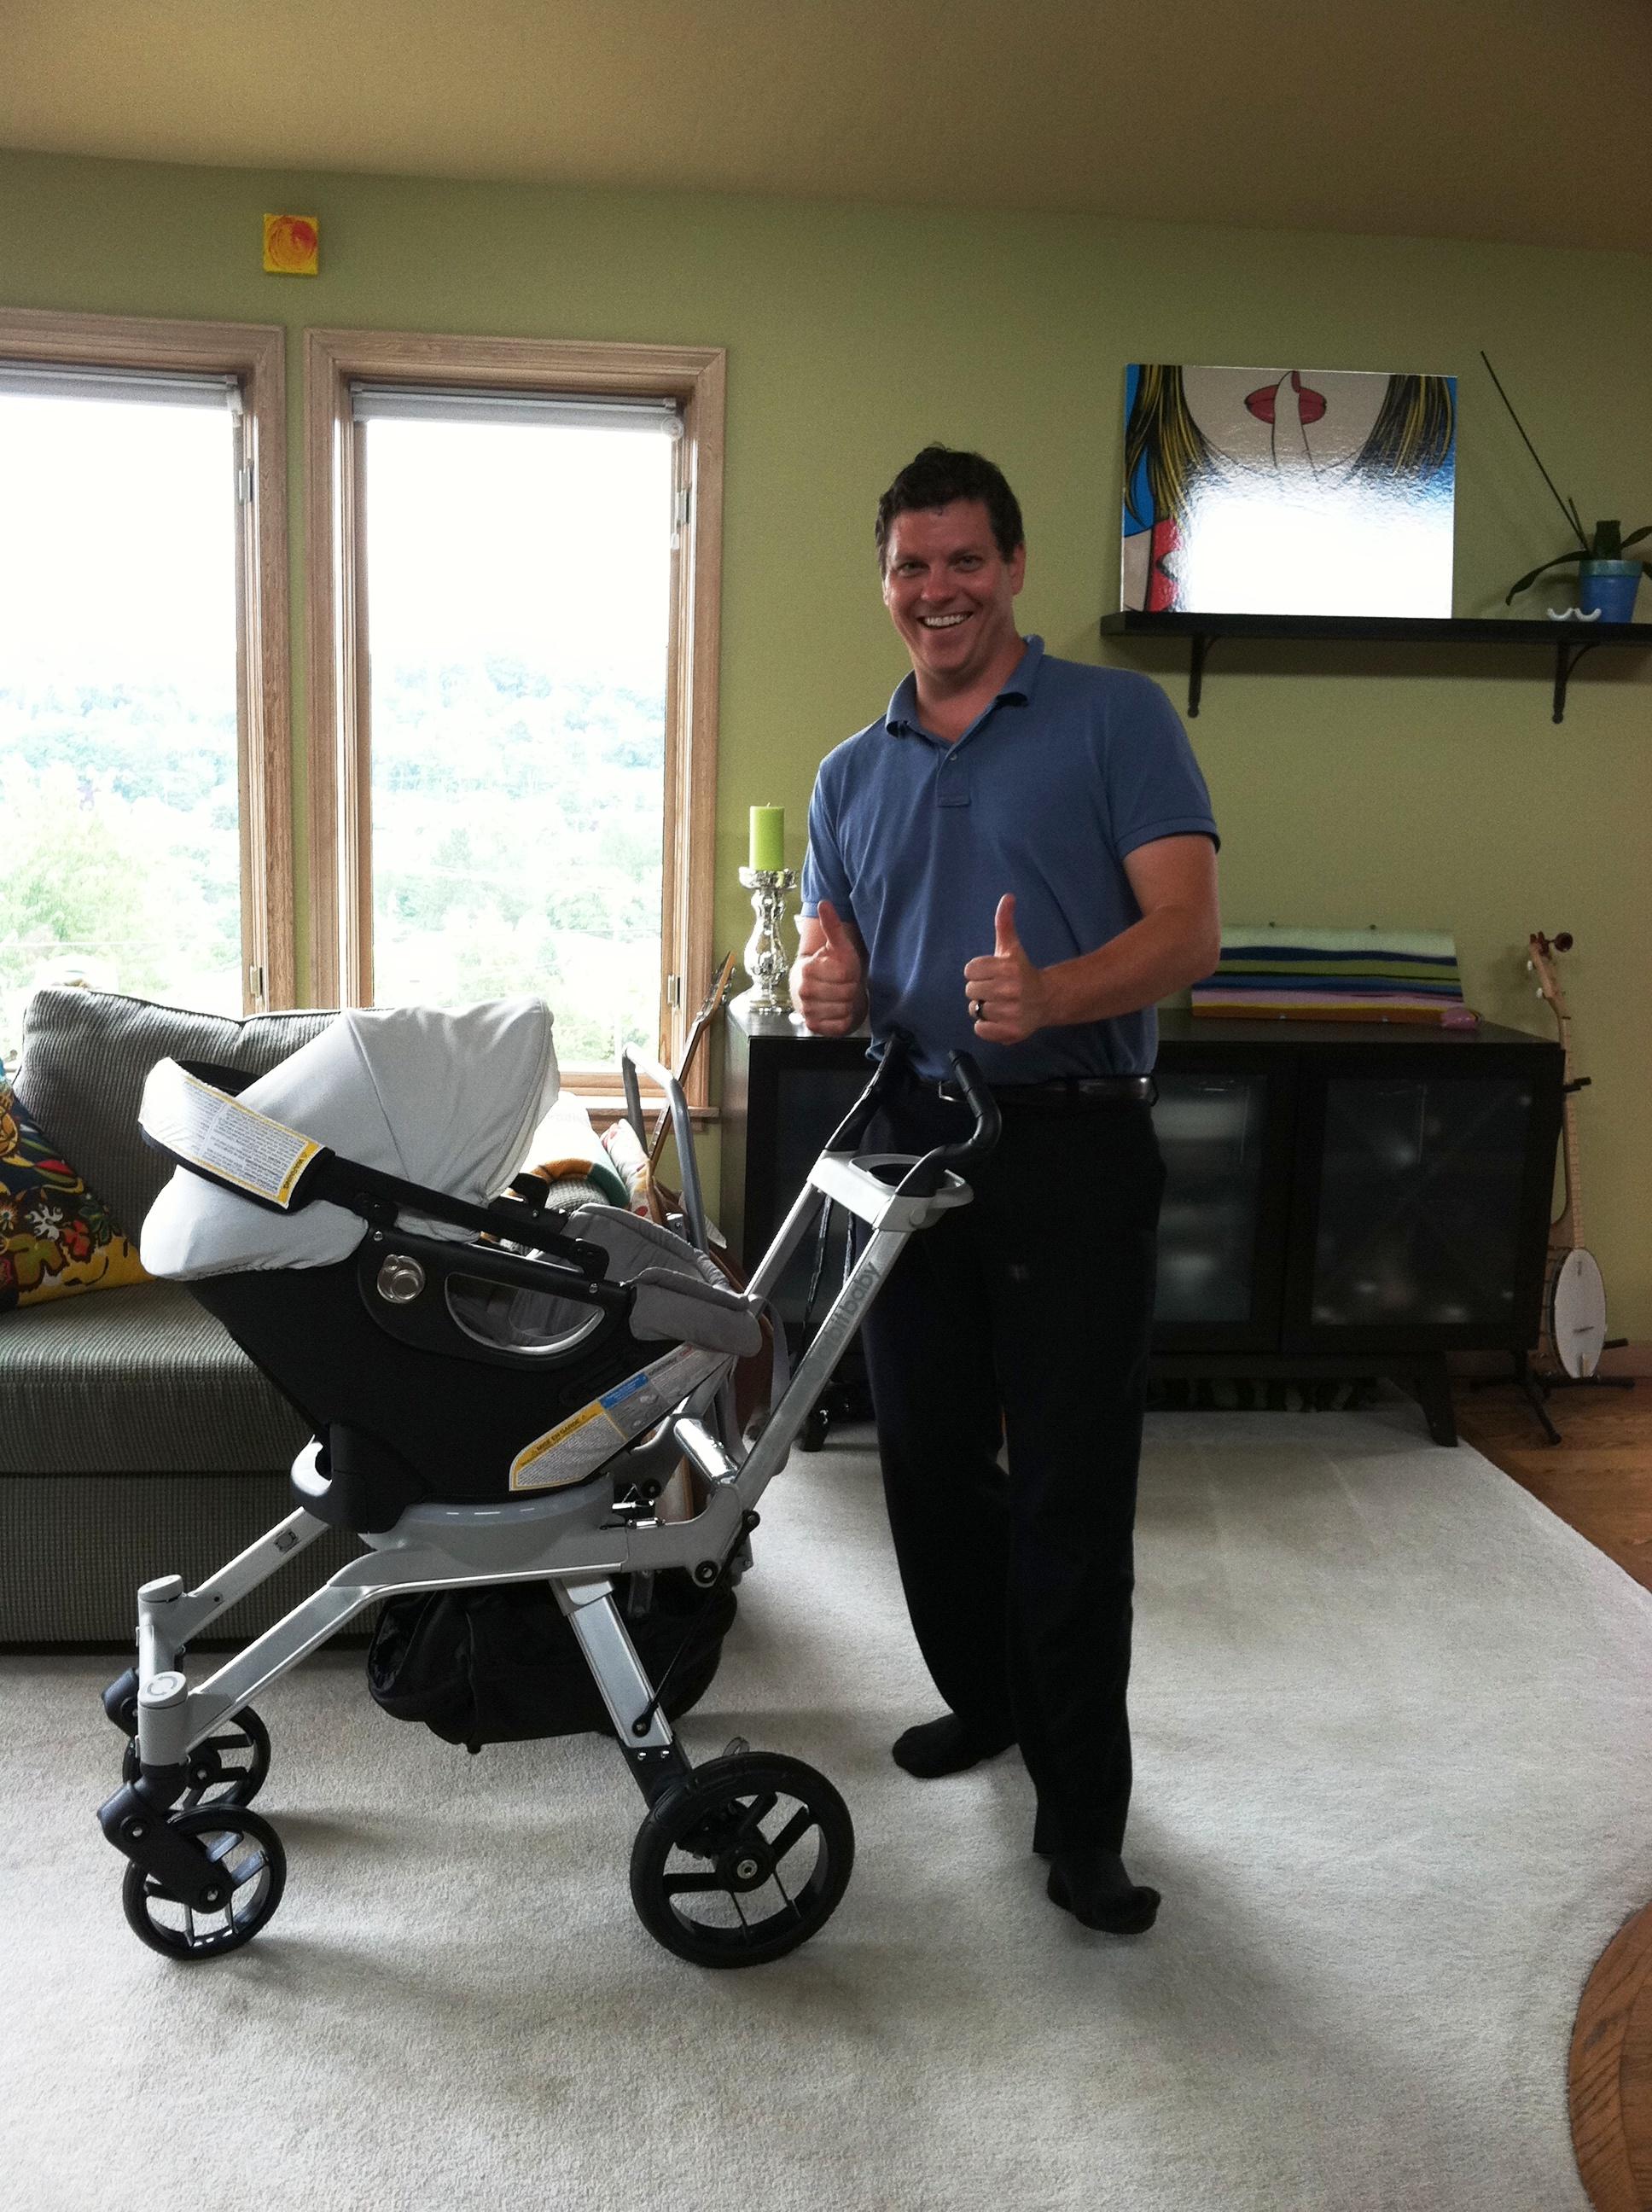 The Orbit Baby Stroller | Jen's Favorite Things